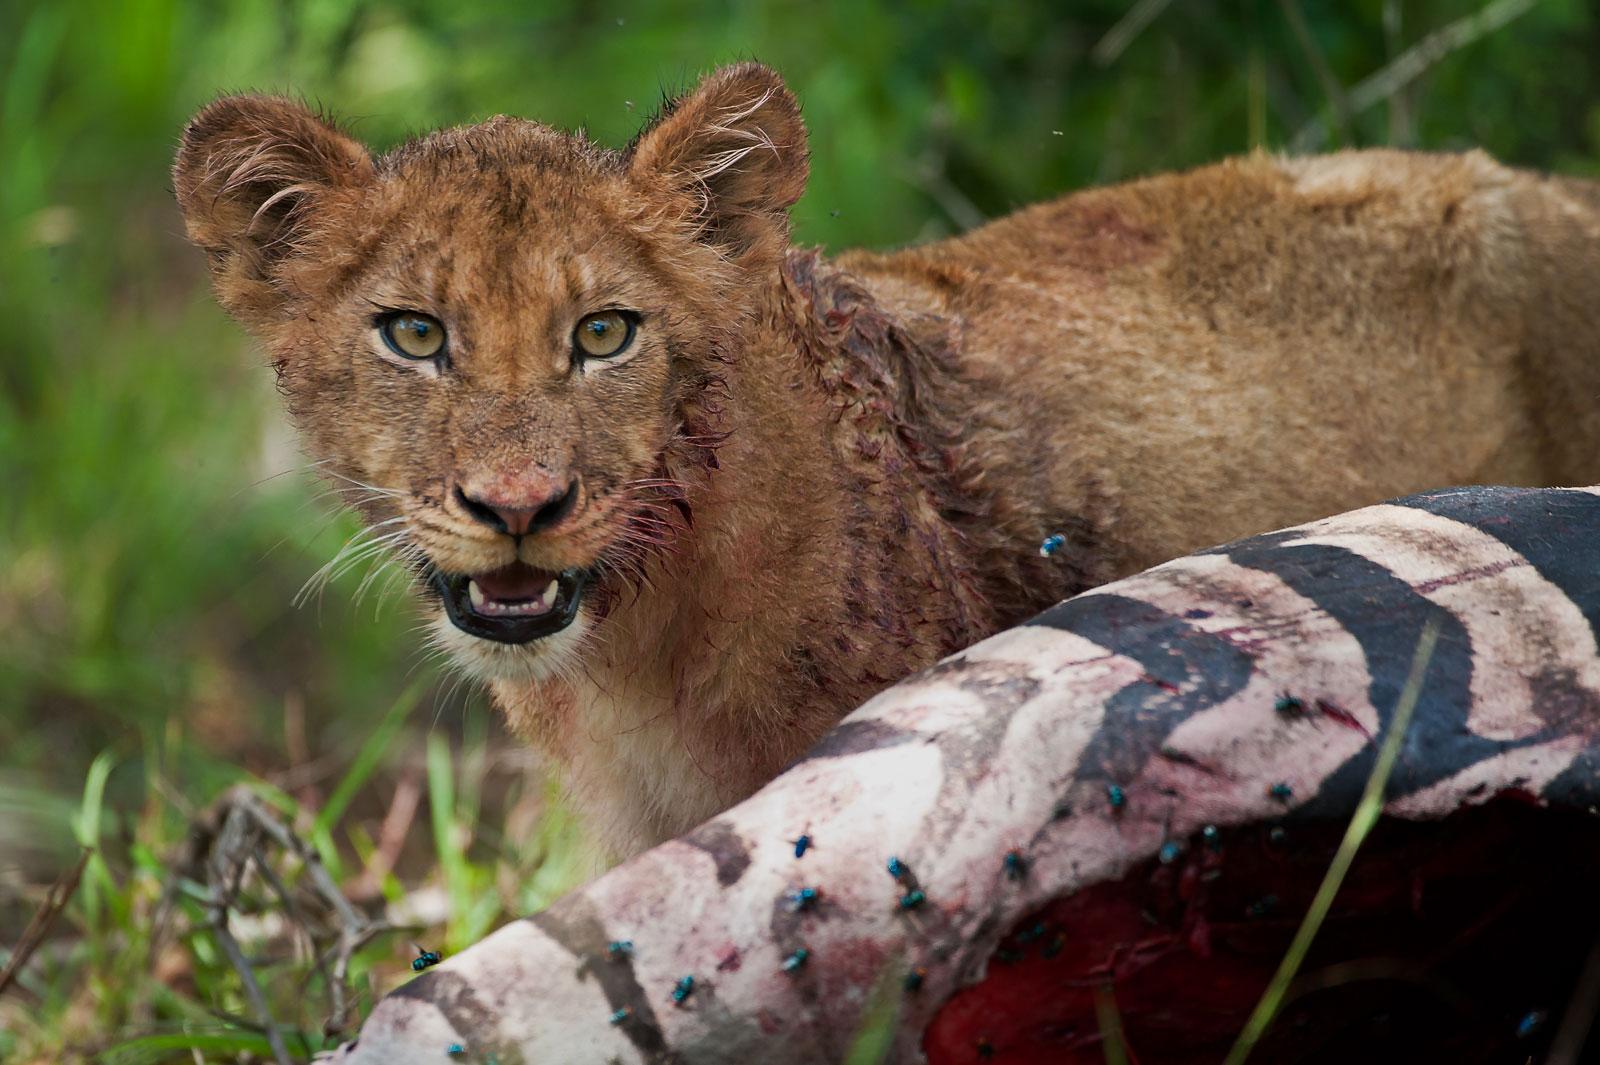 lion-cub-feeding©WimVorster